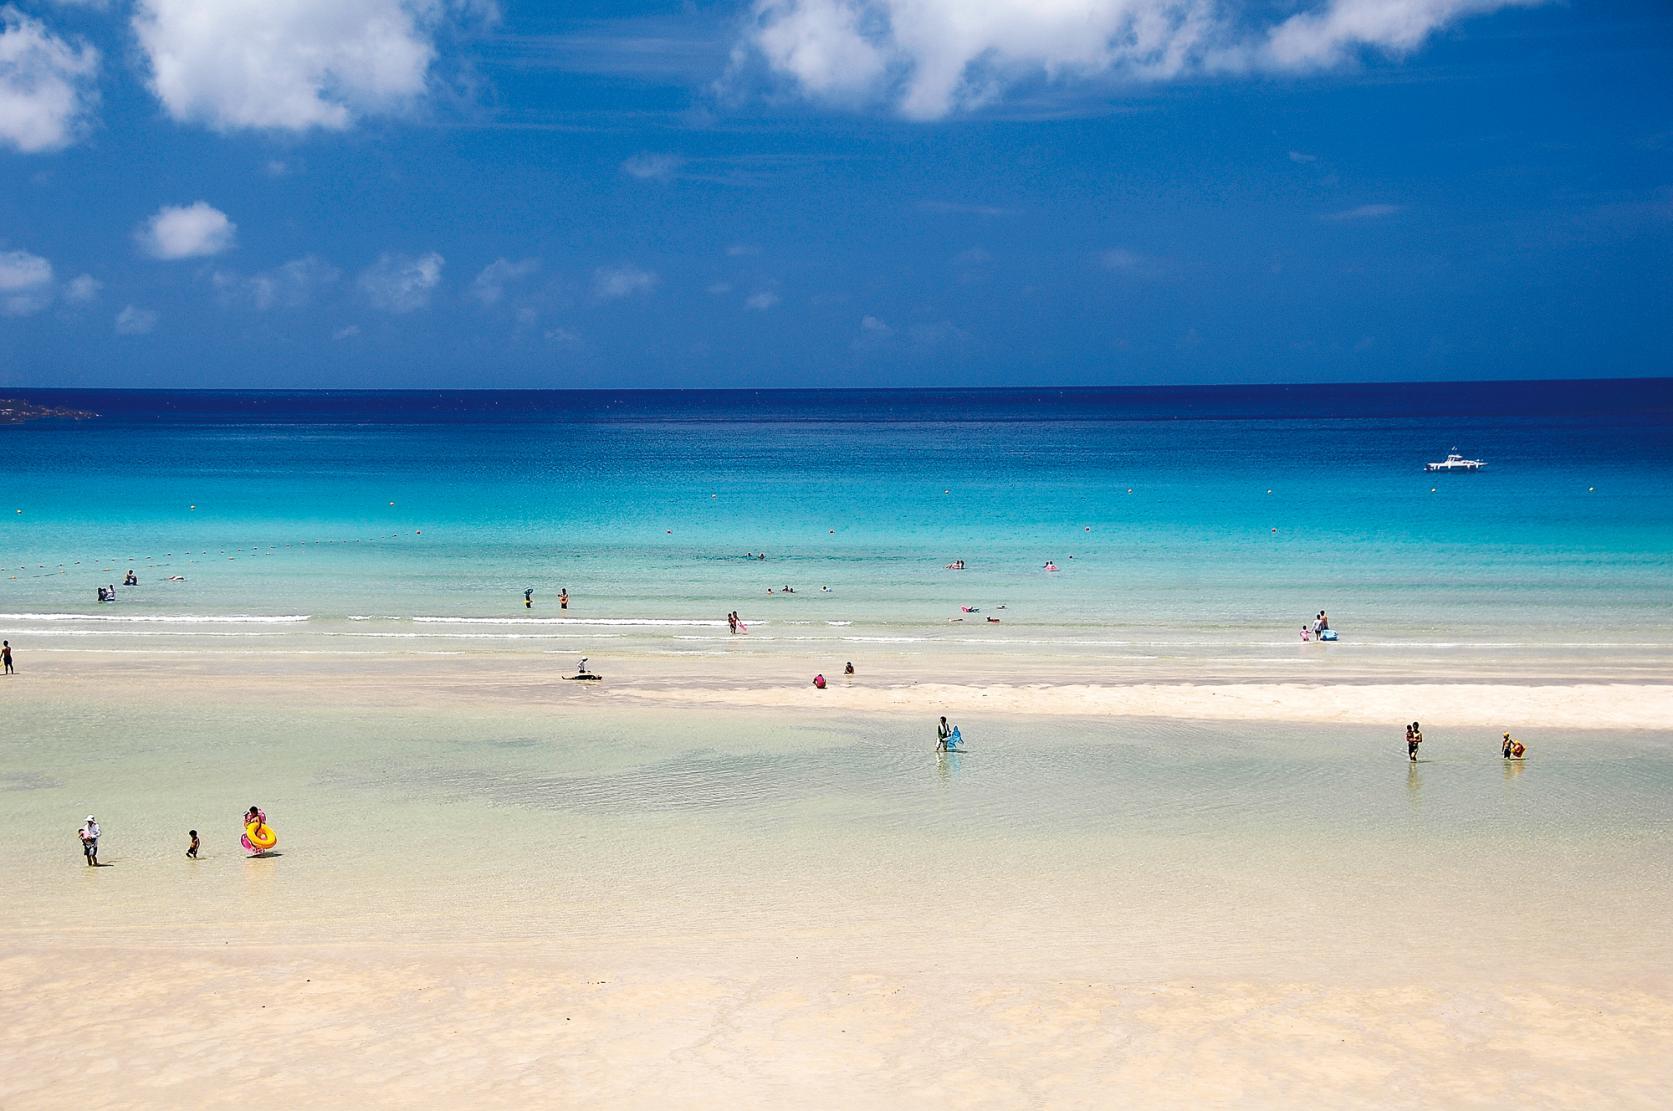 泳いでよし、眺めてよし、潜るもよし!美しすぎる五島の海の遊び方